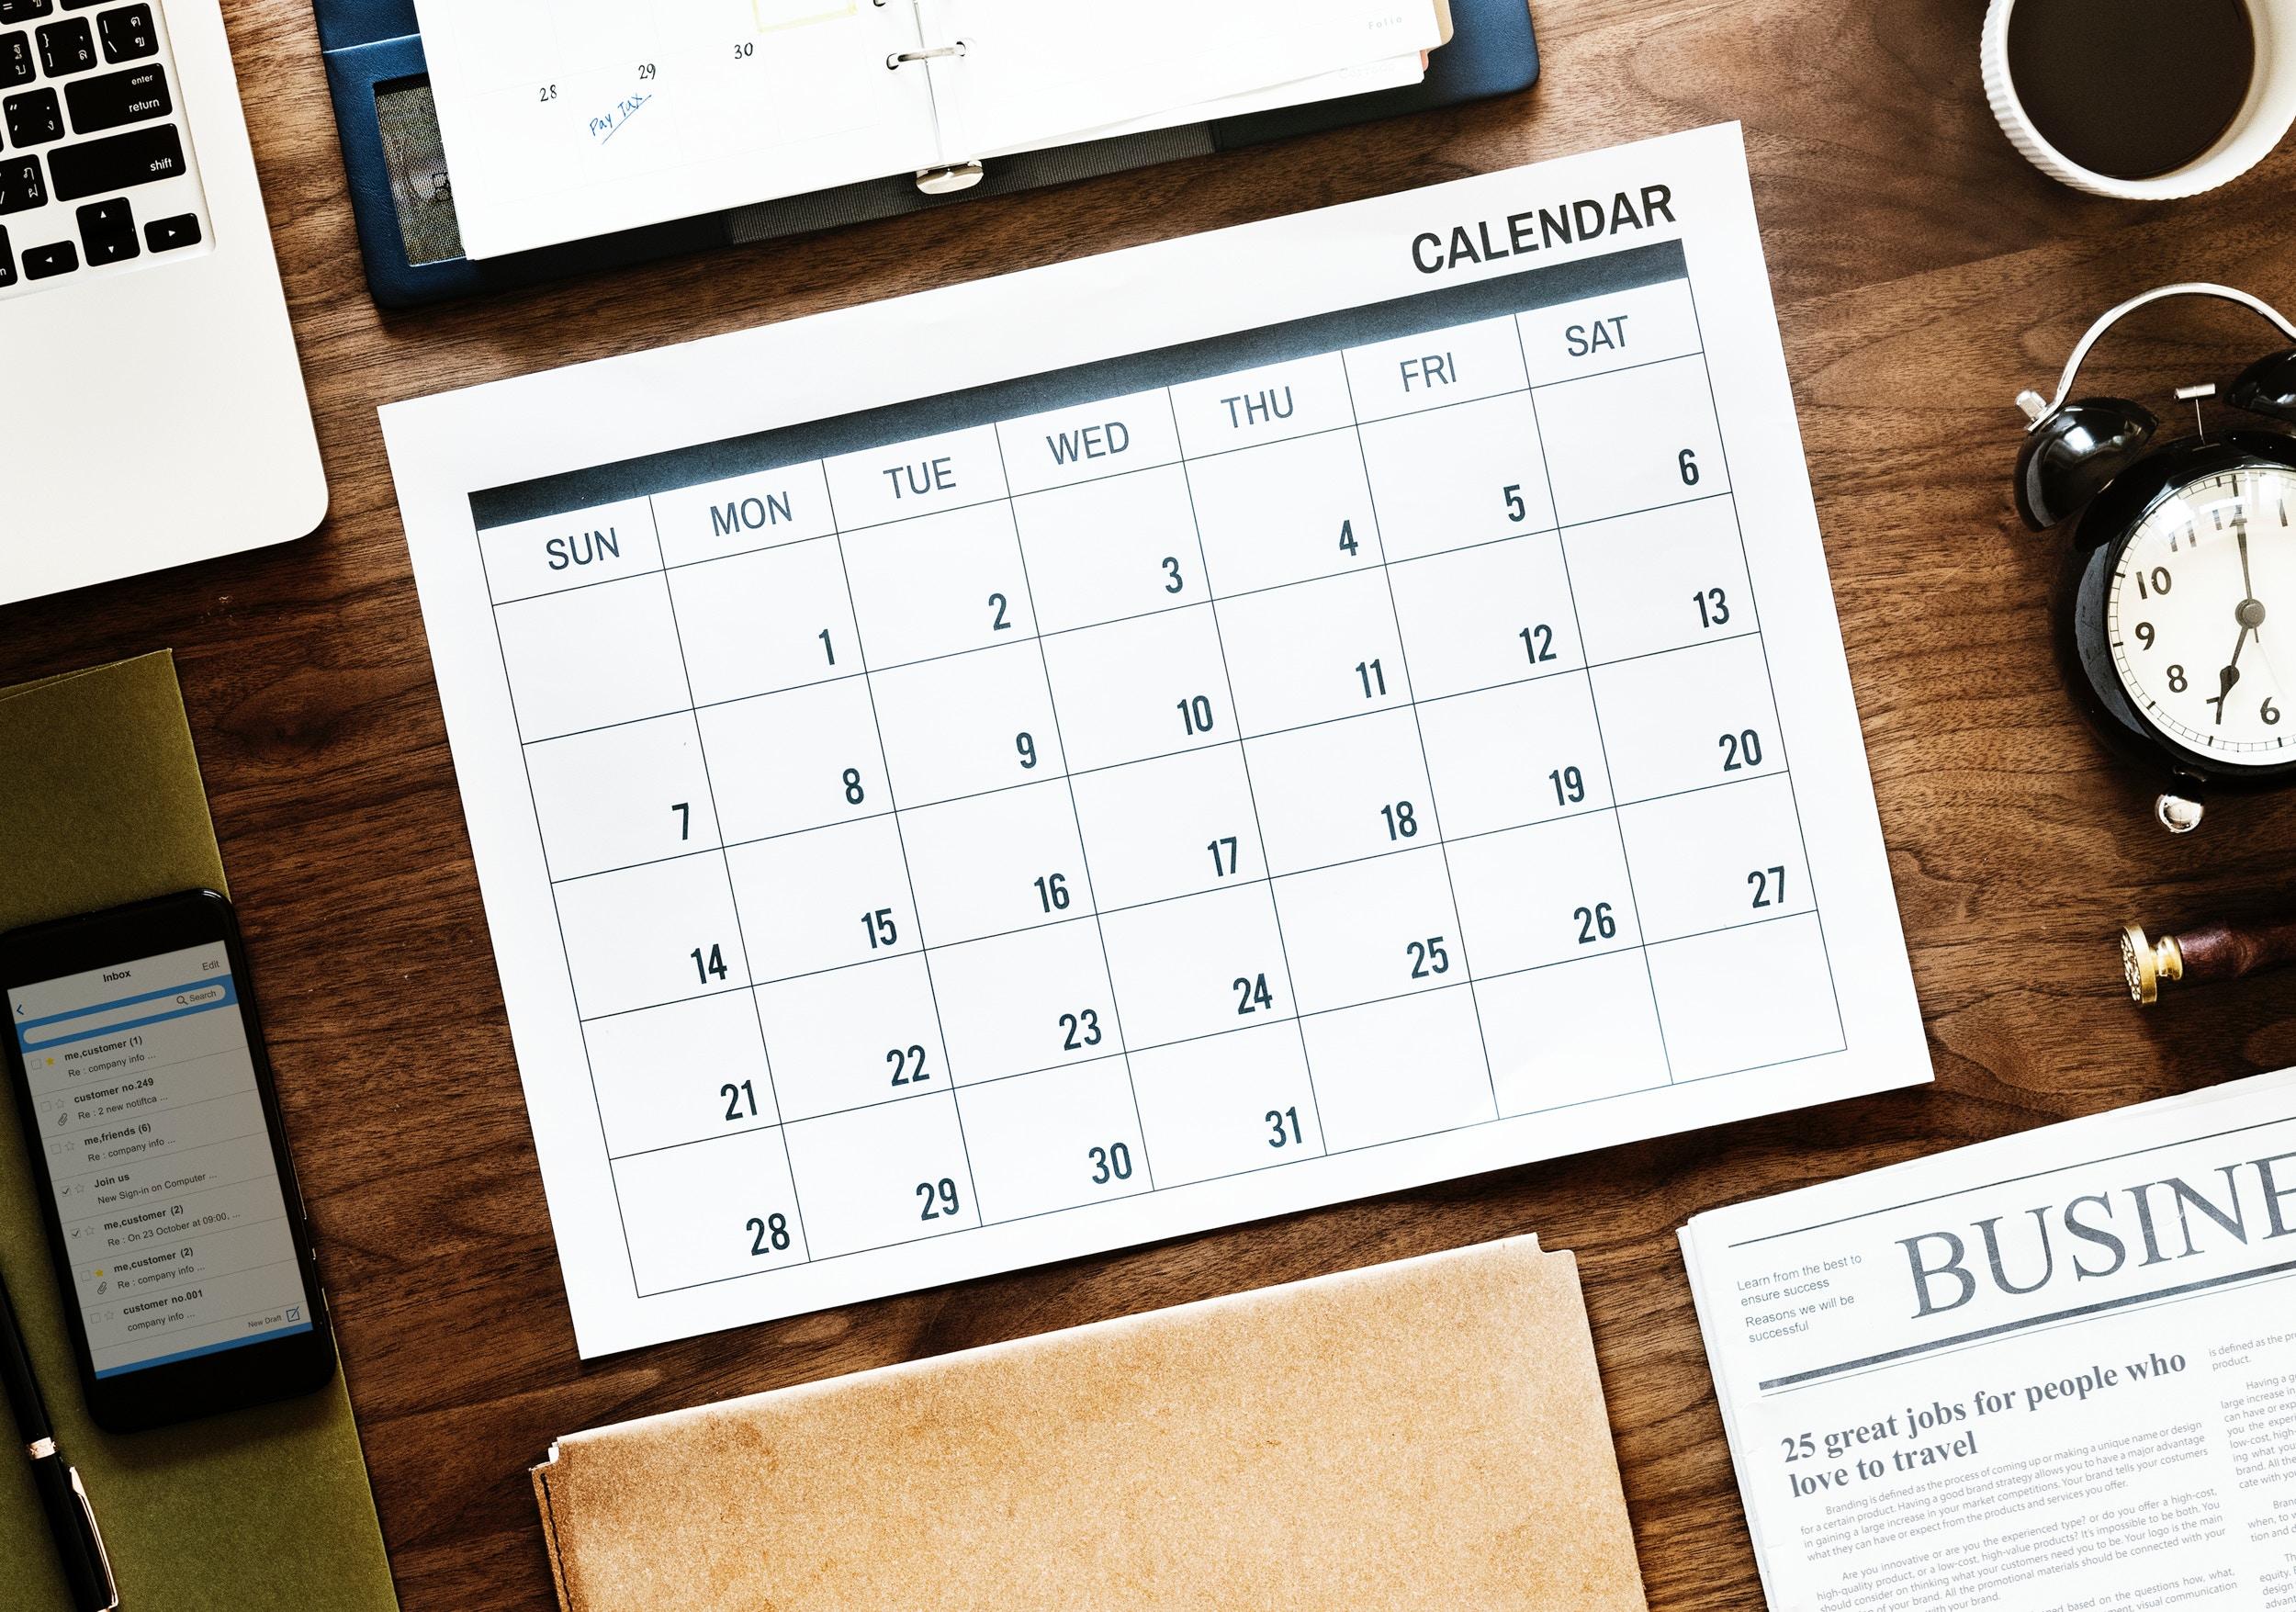 iphoneのカレンダーをgoogleカレンダーと同期させる方法 華麗なる機種変